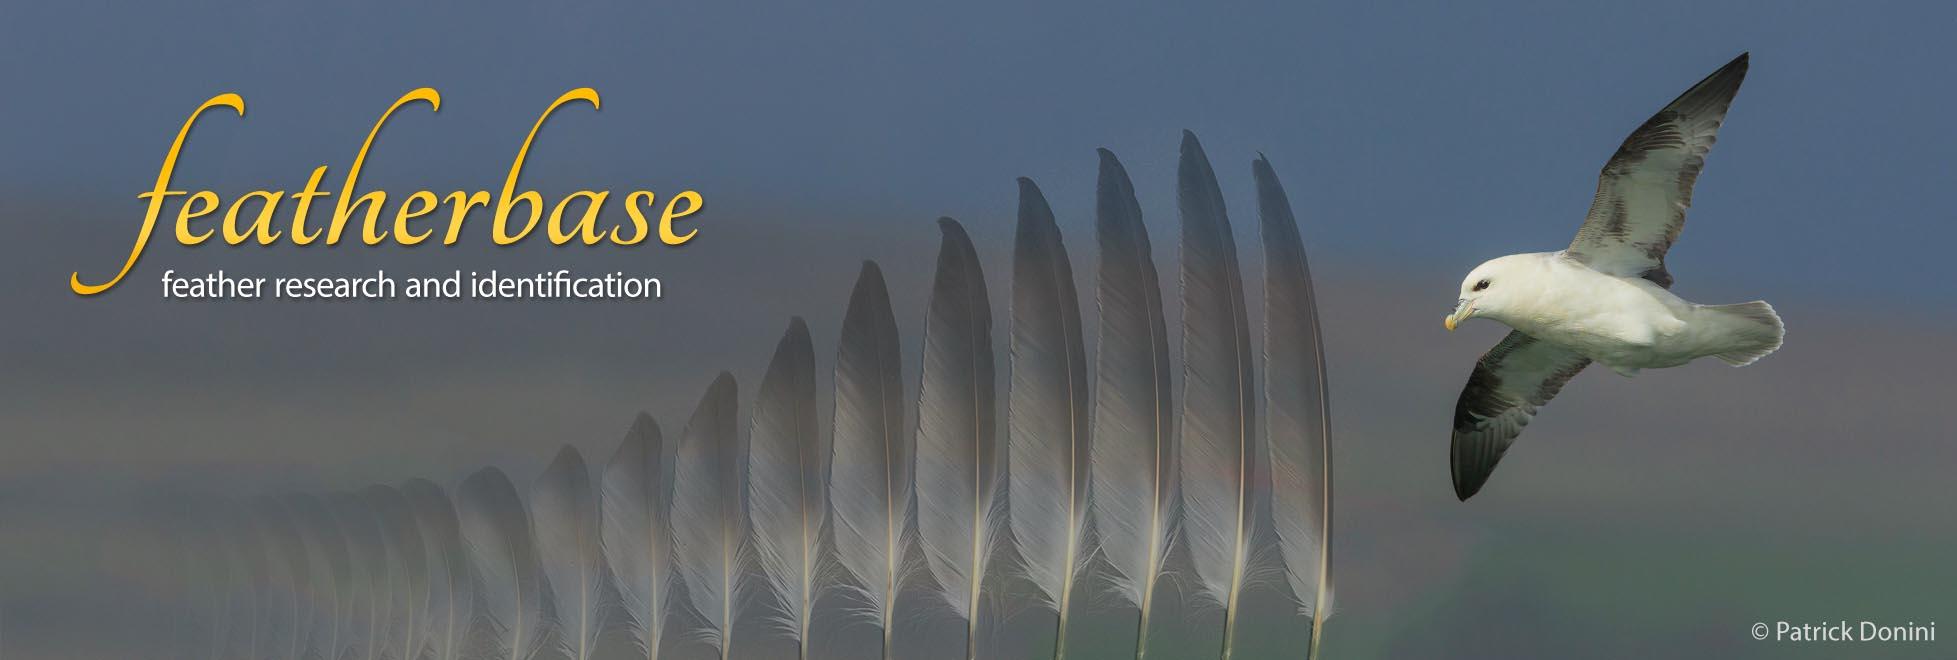 Seitenbanner mit offiziellem Logo